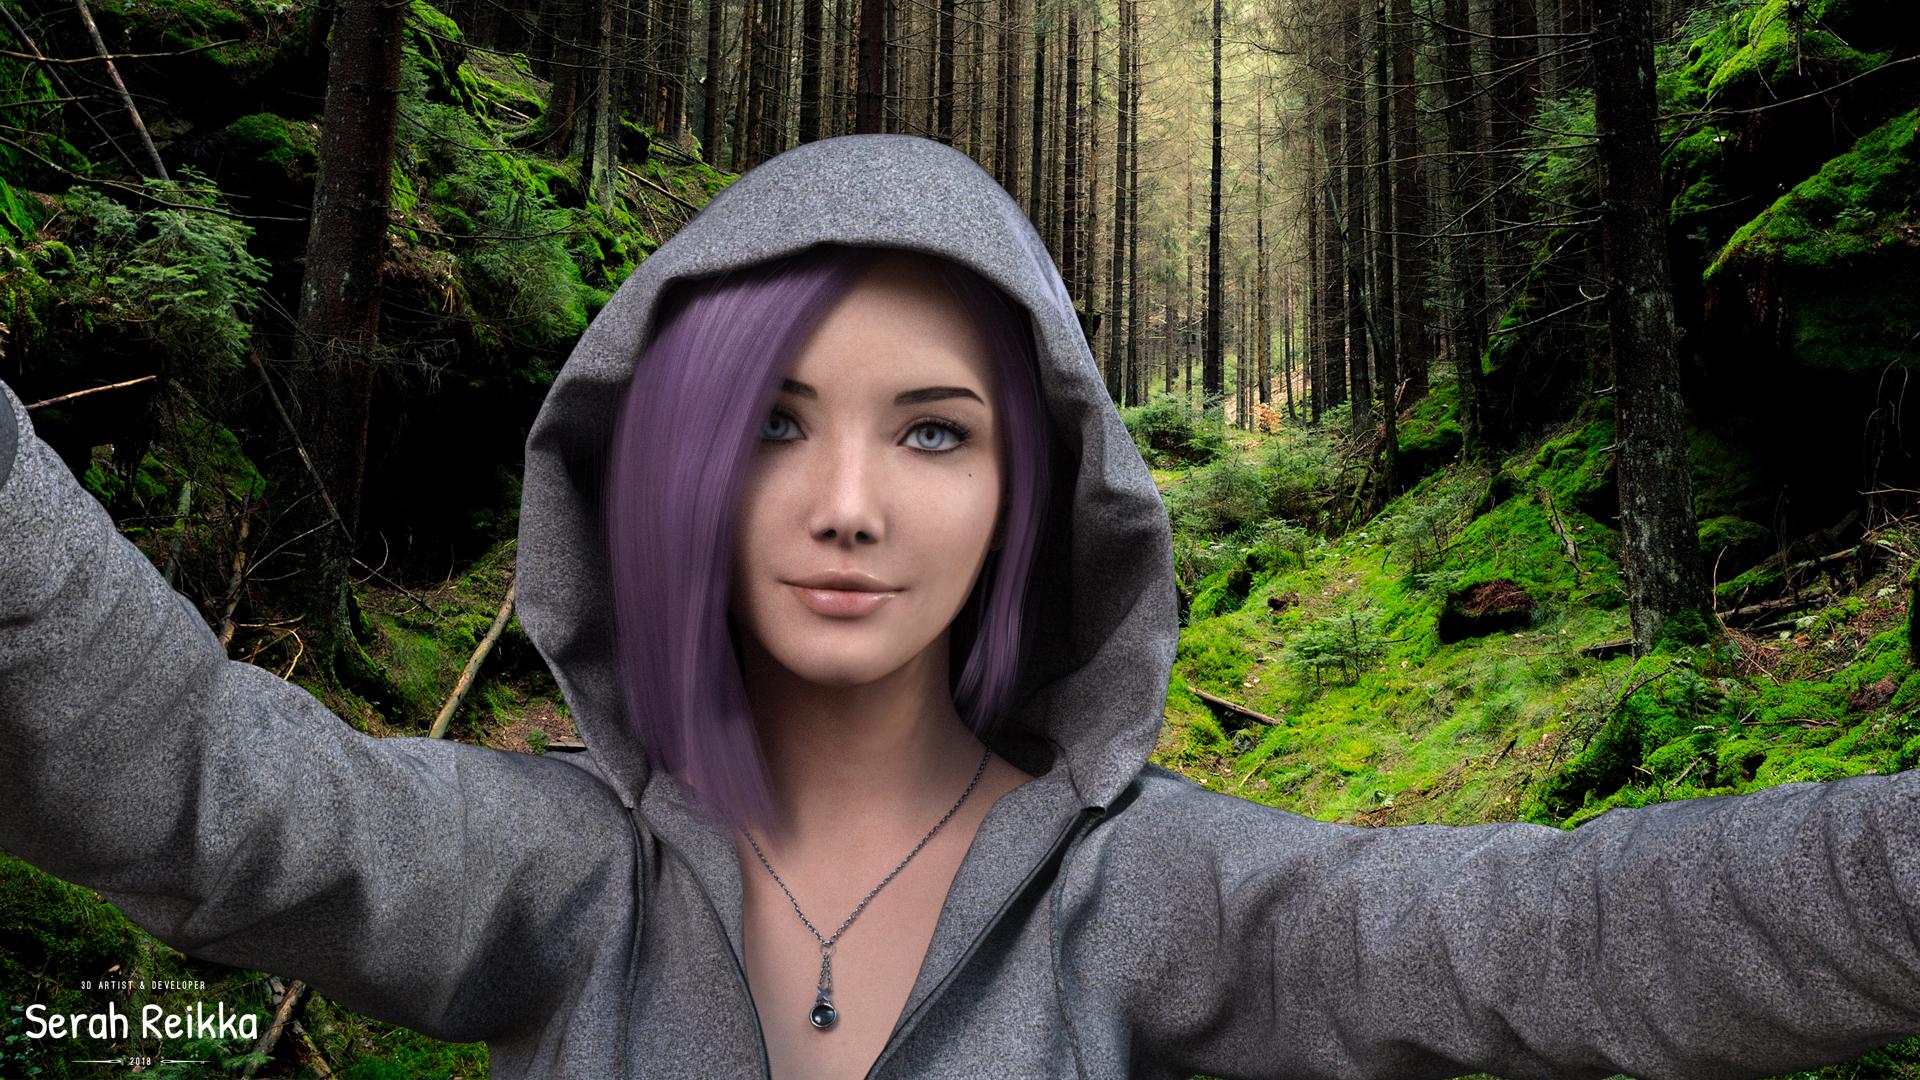 women hoods wood pink hair blue eyes model render CGI 3d design selfies sports white nails 1272045